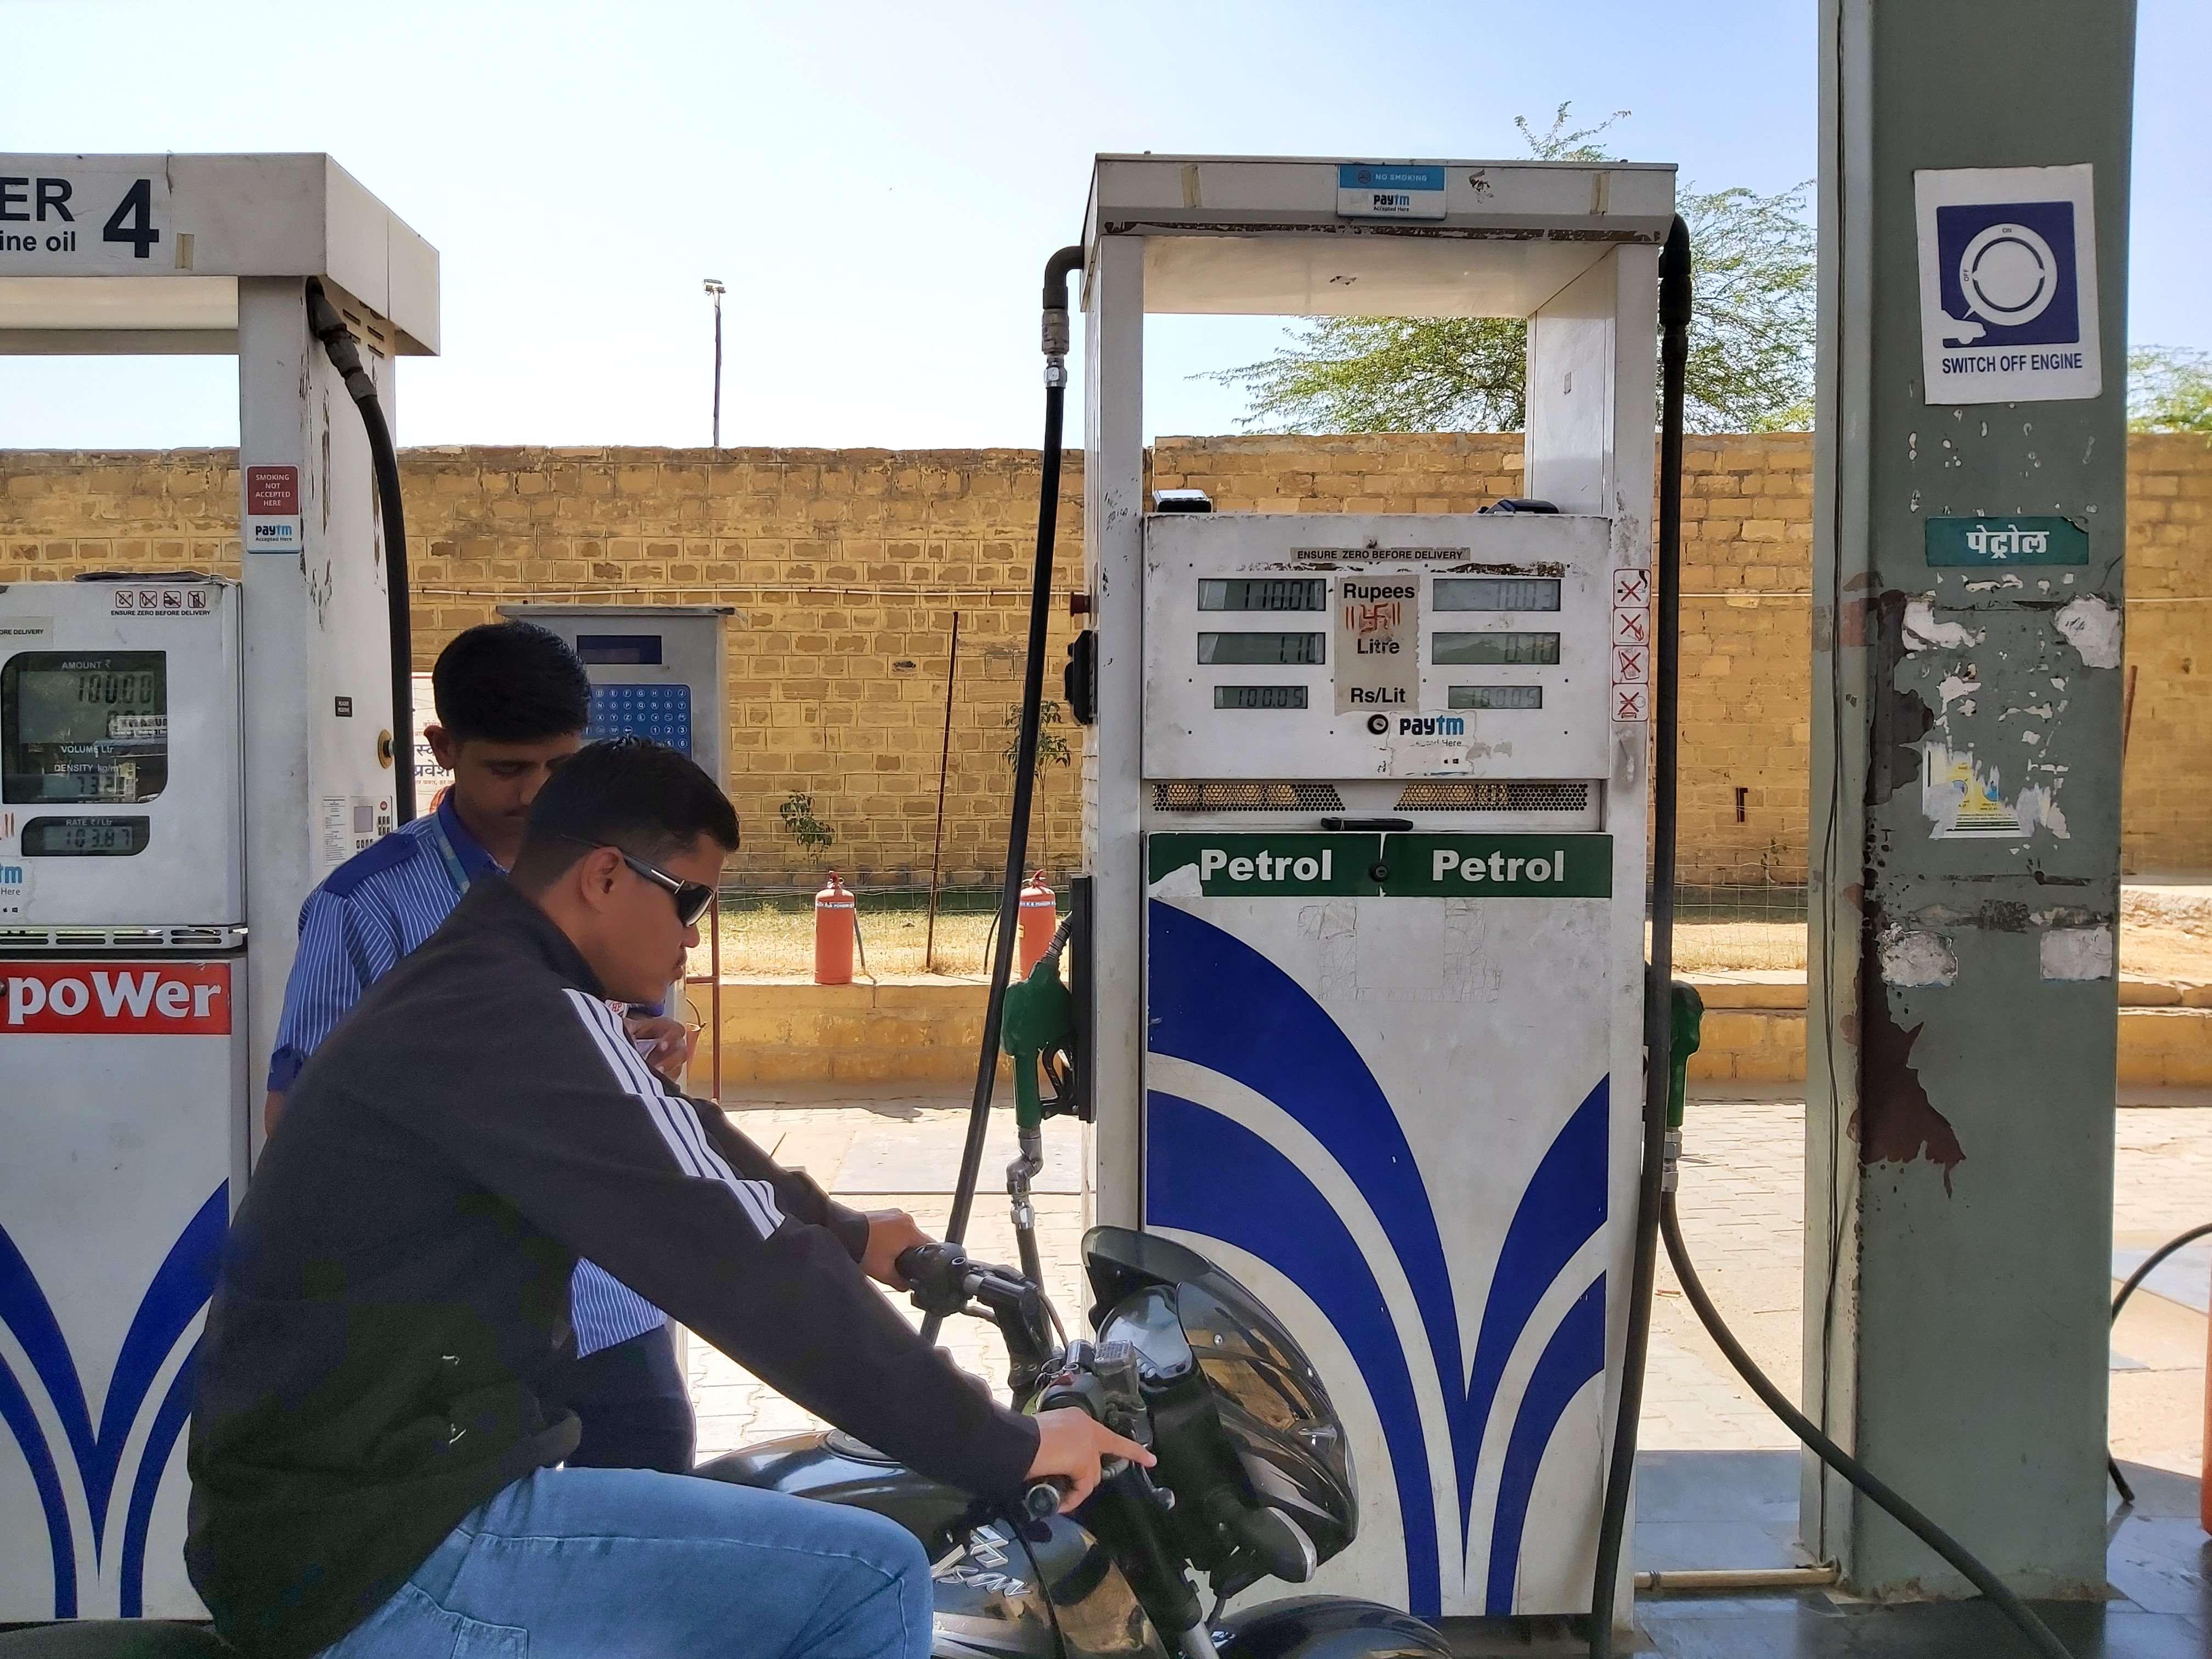 जैसलमेर में पेट्रोल का सैकड़ा, सिलेंडर भी लगा रहा कीमतों में आग